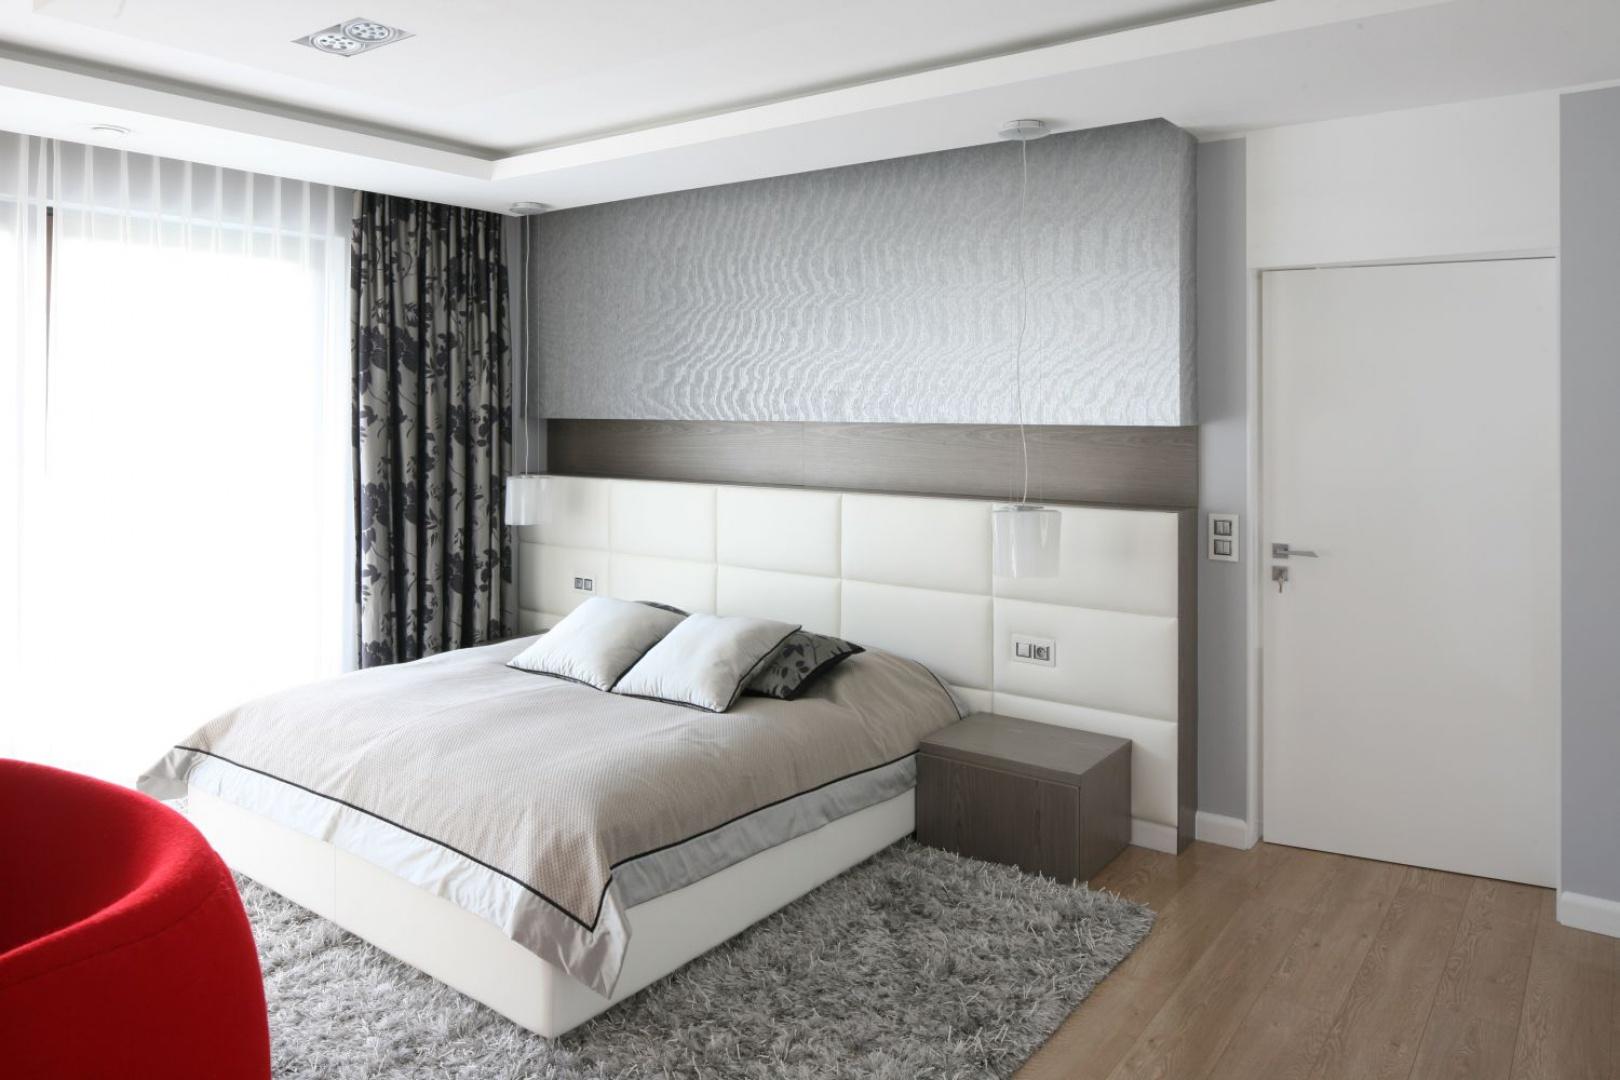 Elegancką sypialnię urządzono w bieli i szarościach. Ten duet barw zdobi zarówno ściany, jak i łoże z tapicerowanym wezgłowiem. Projekt: Agnieszka Hajdas-Obajtek. Fot. Bartosz Jarosz.